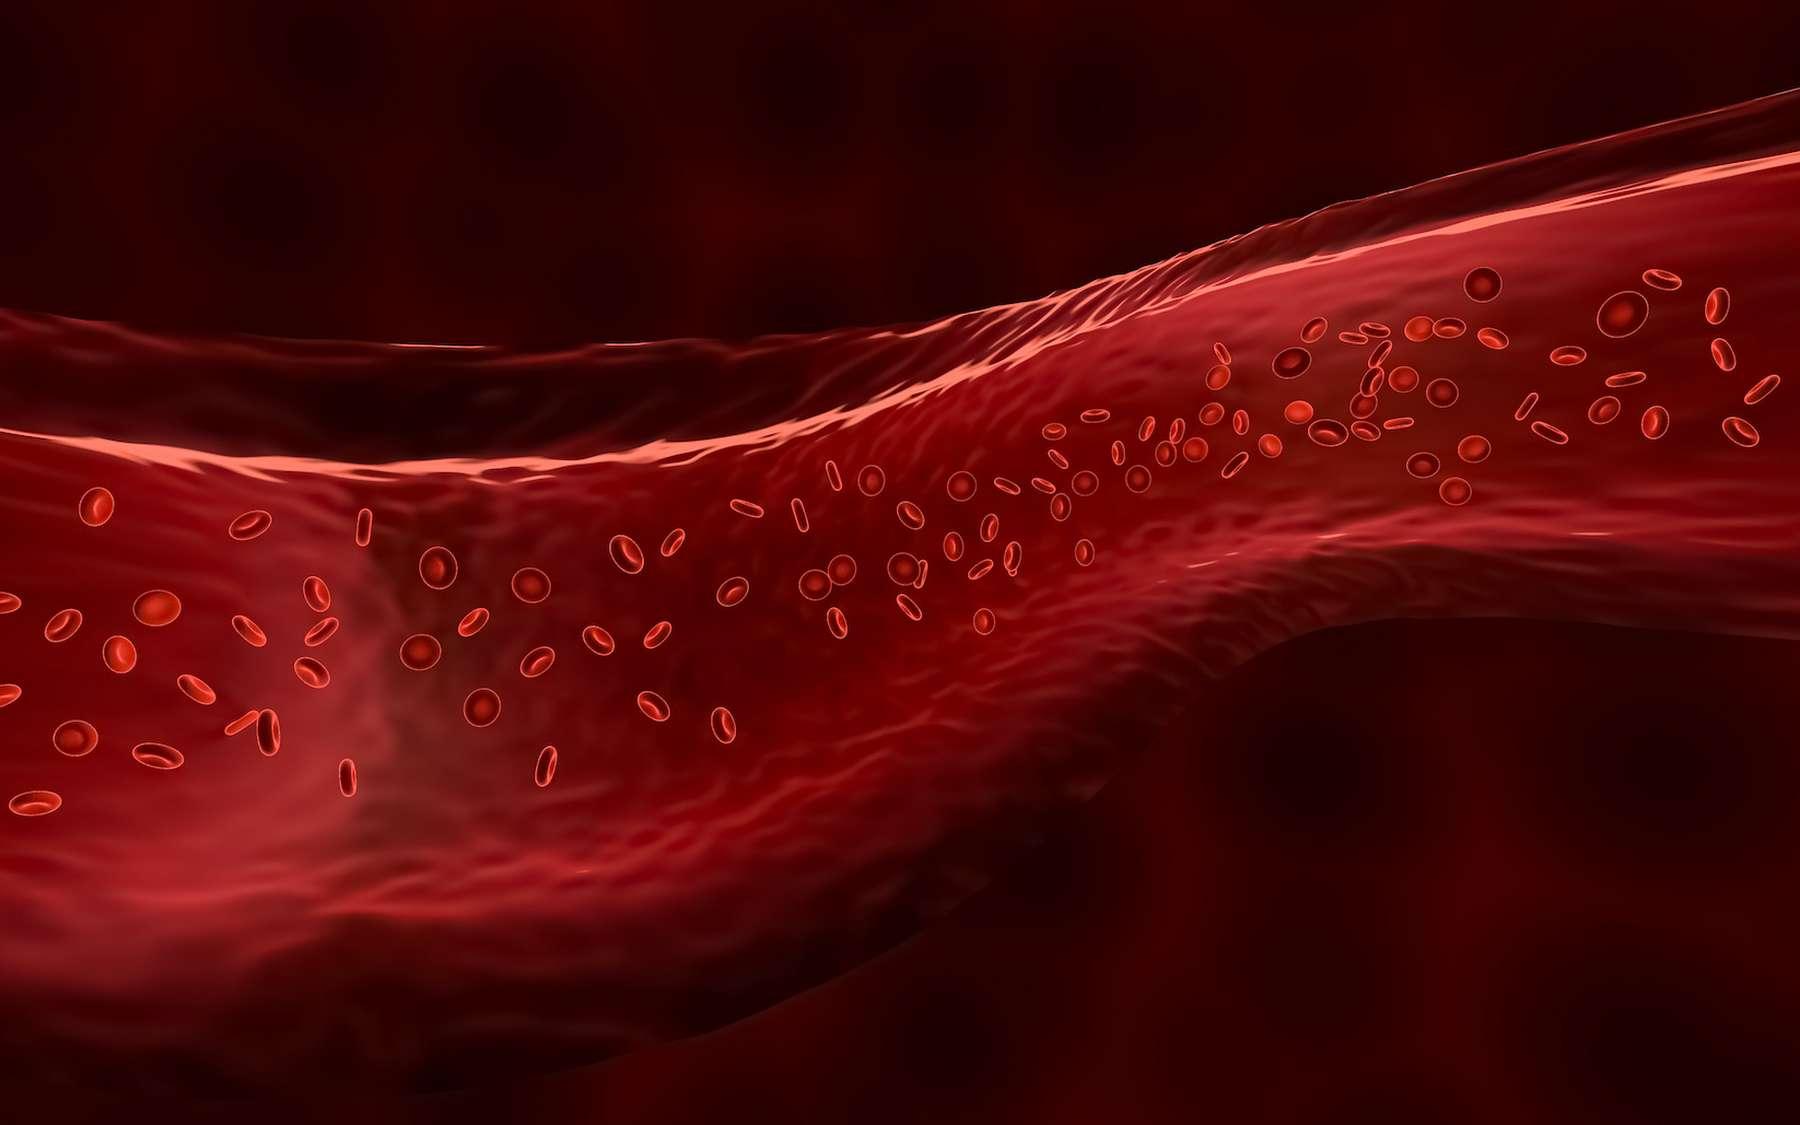 L'hémoglobine est la protéine des globules rouges transporte l'oxygène dans le sang. © Matthieu, Adobe Stock